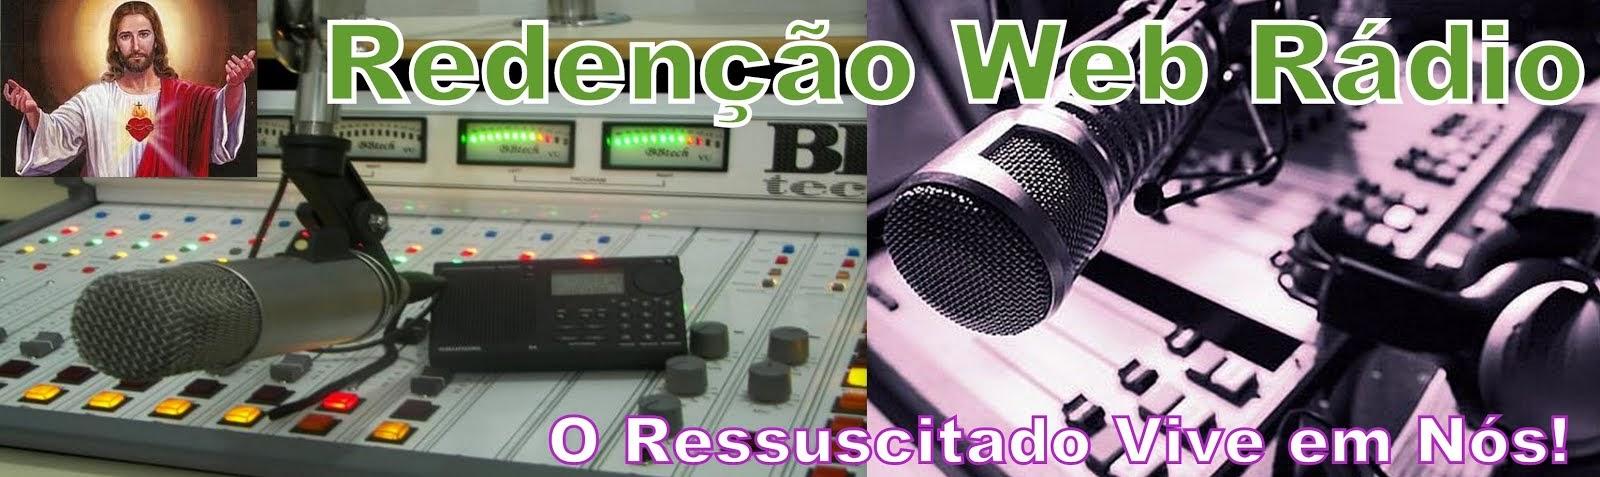 REDENÇÃO RÁDIO WEB